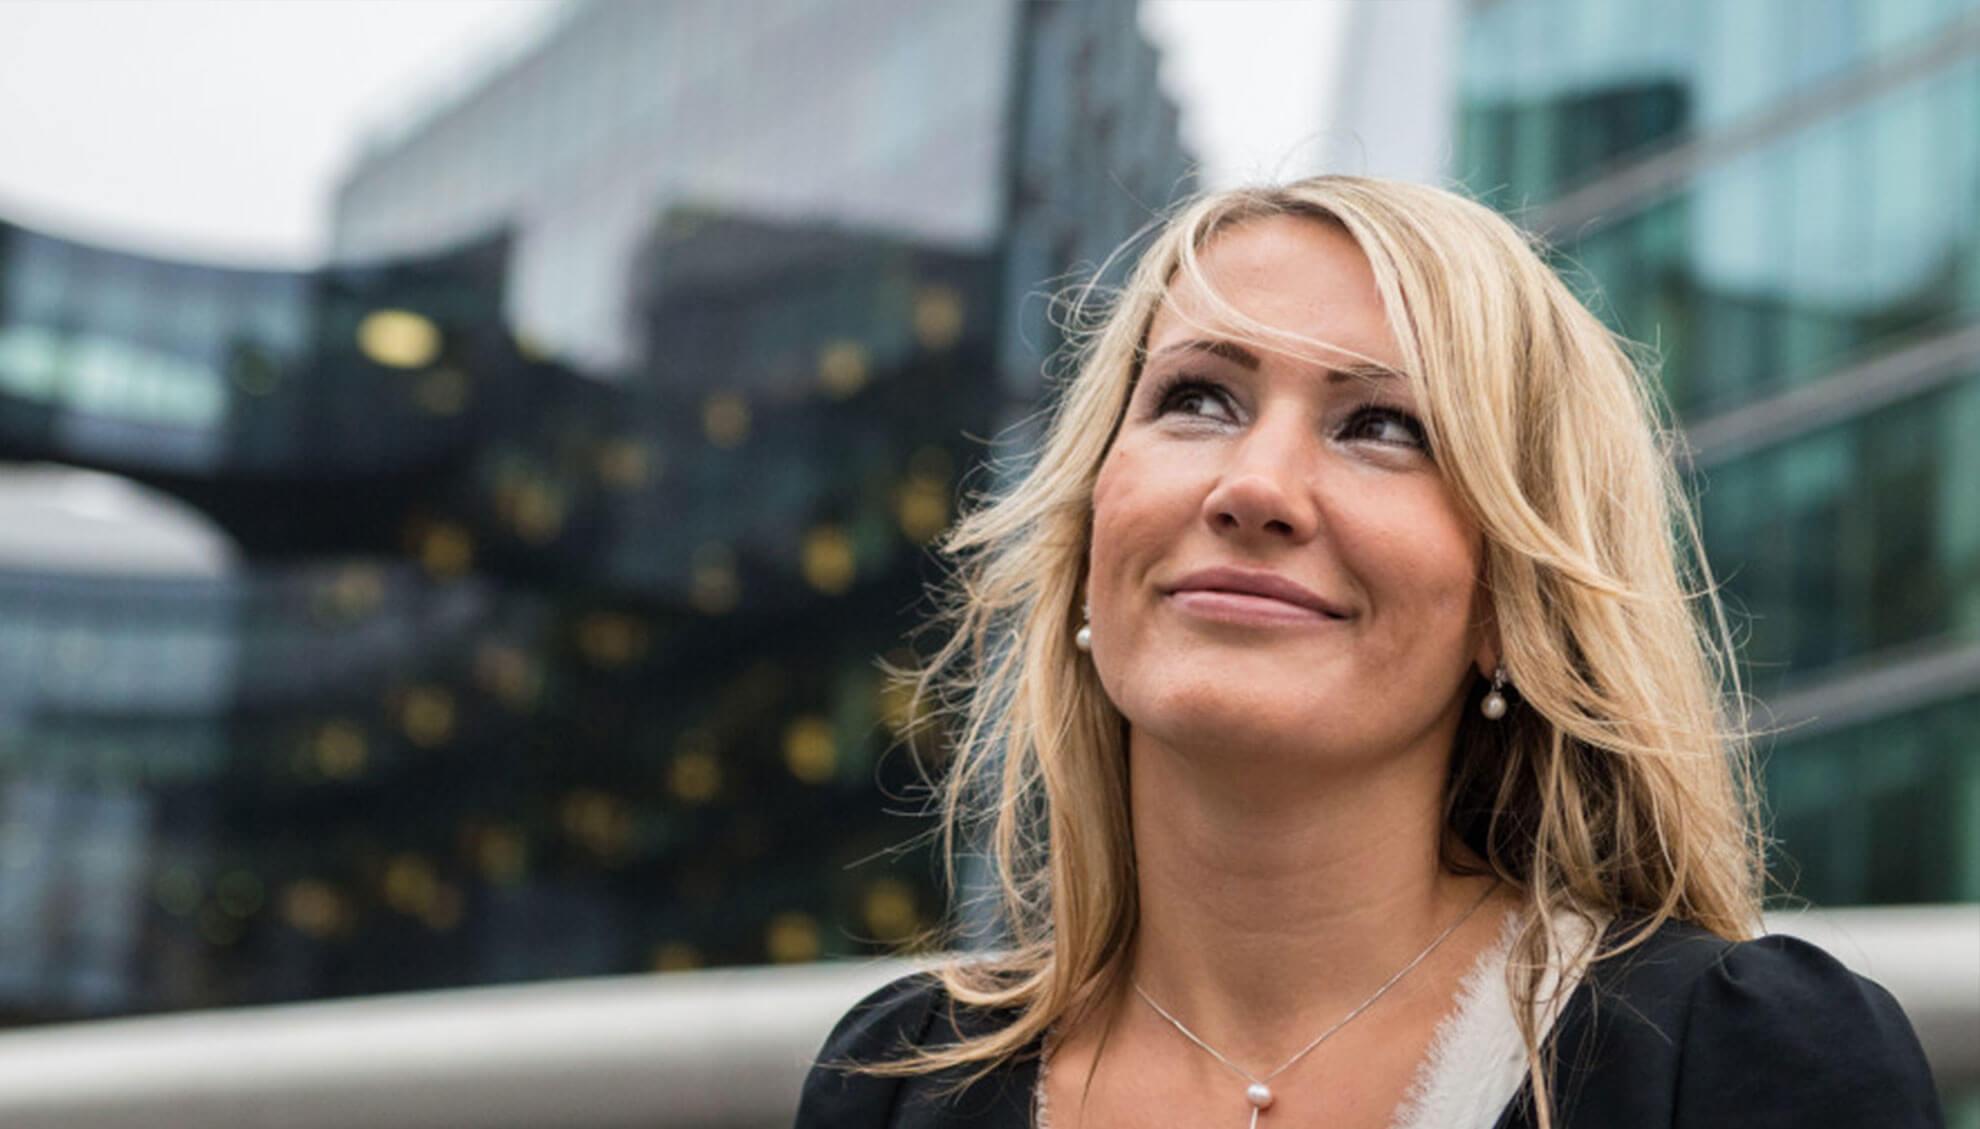 Angela Nikolenko